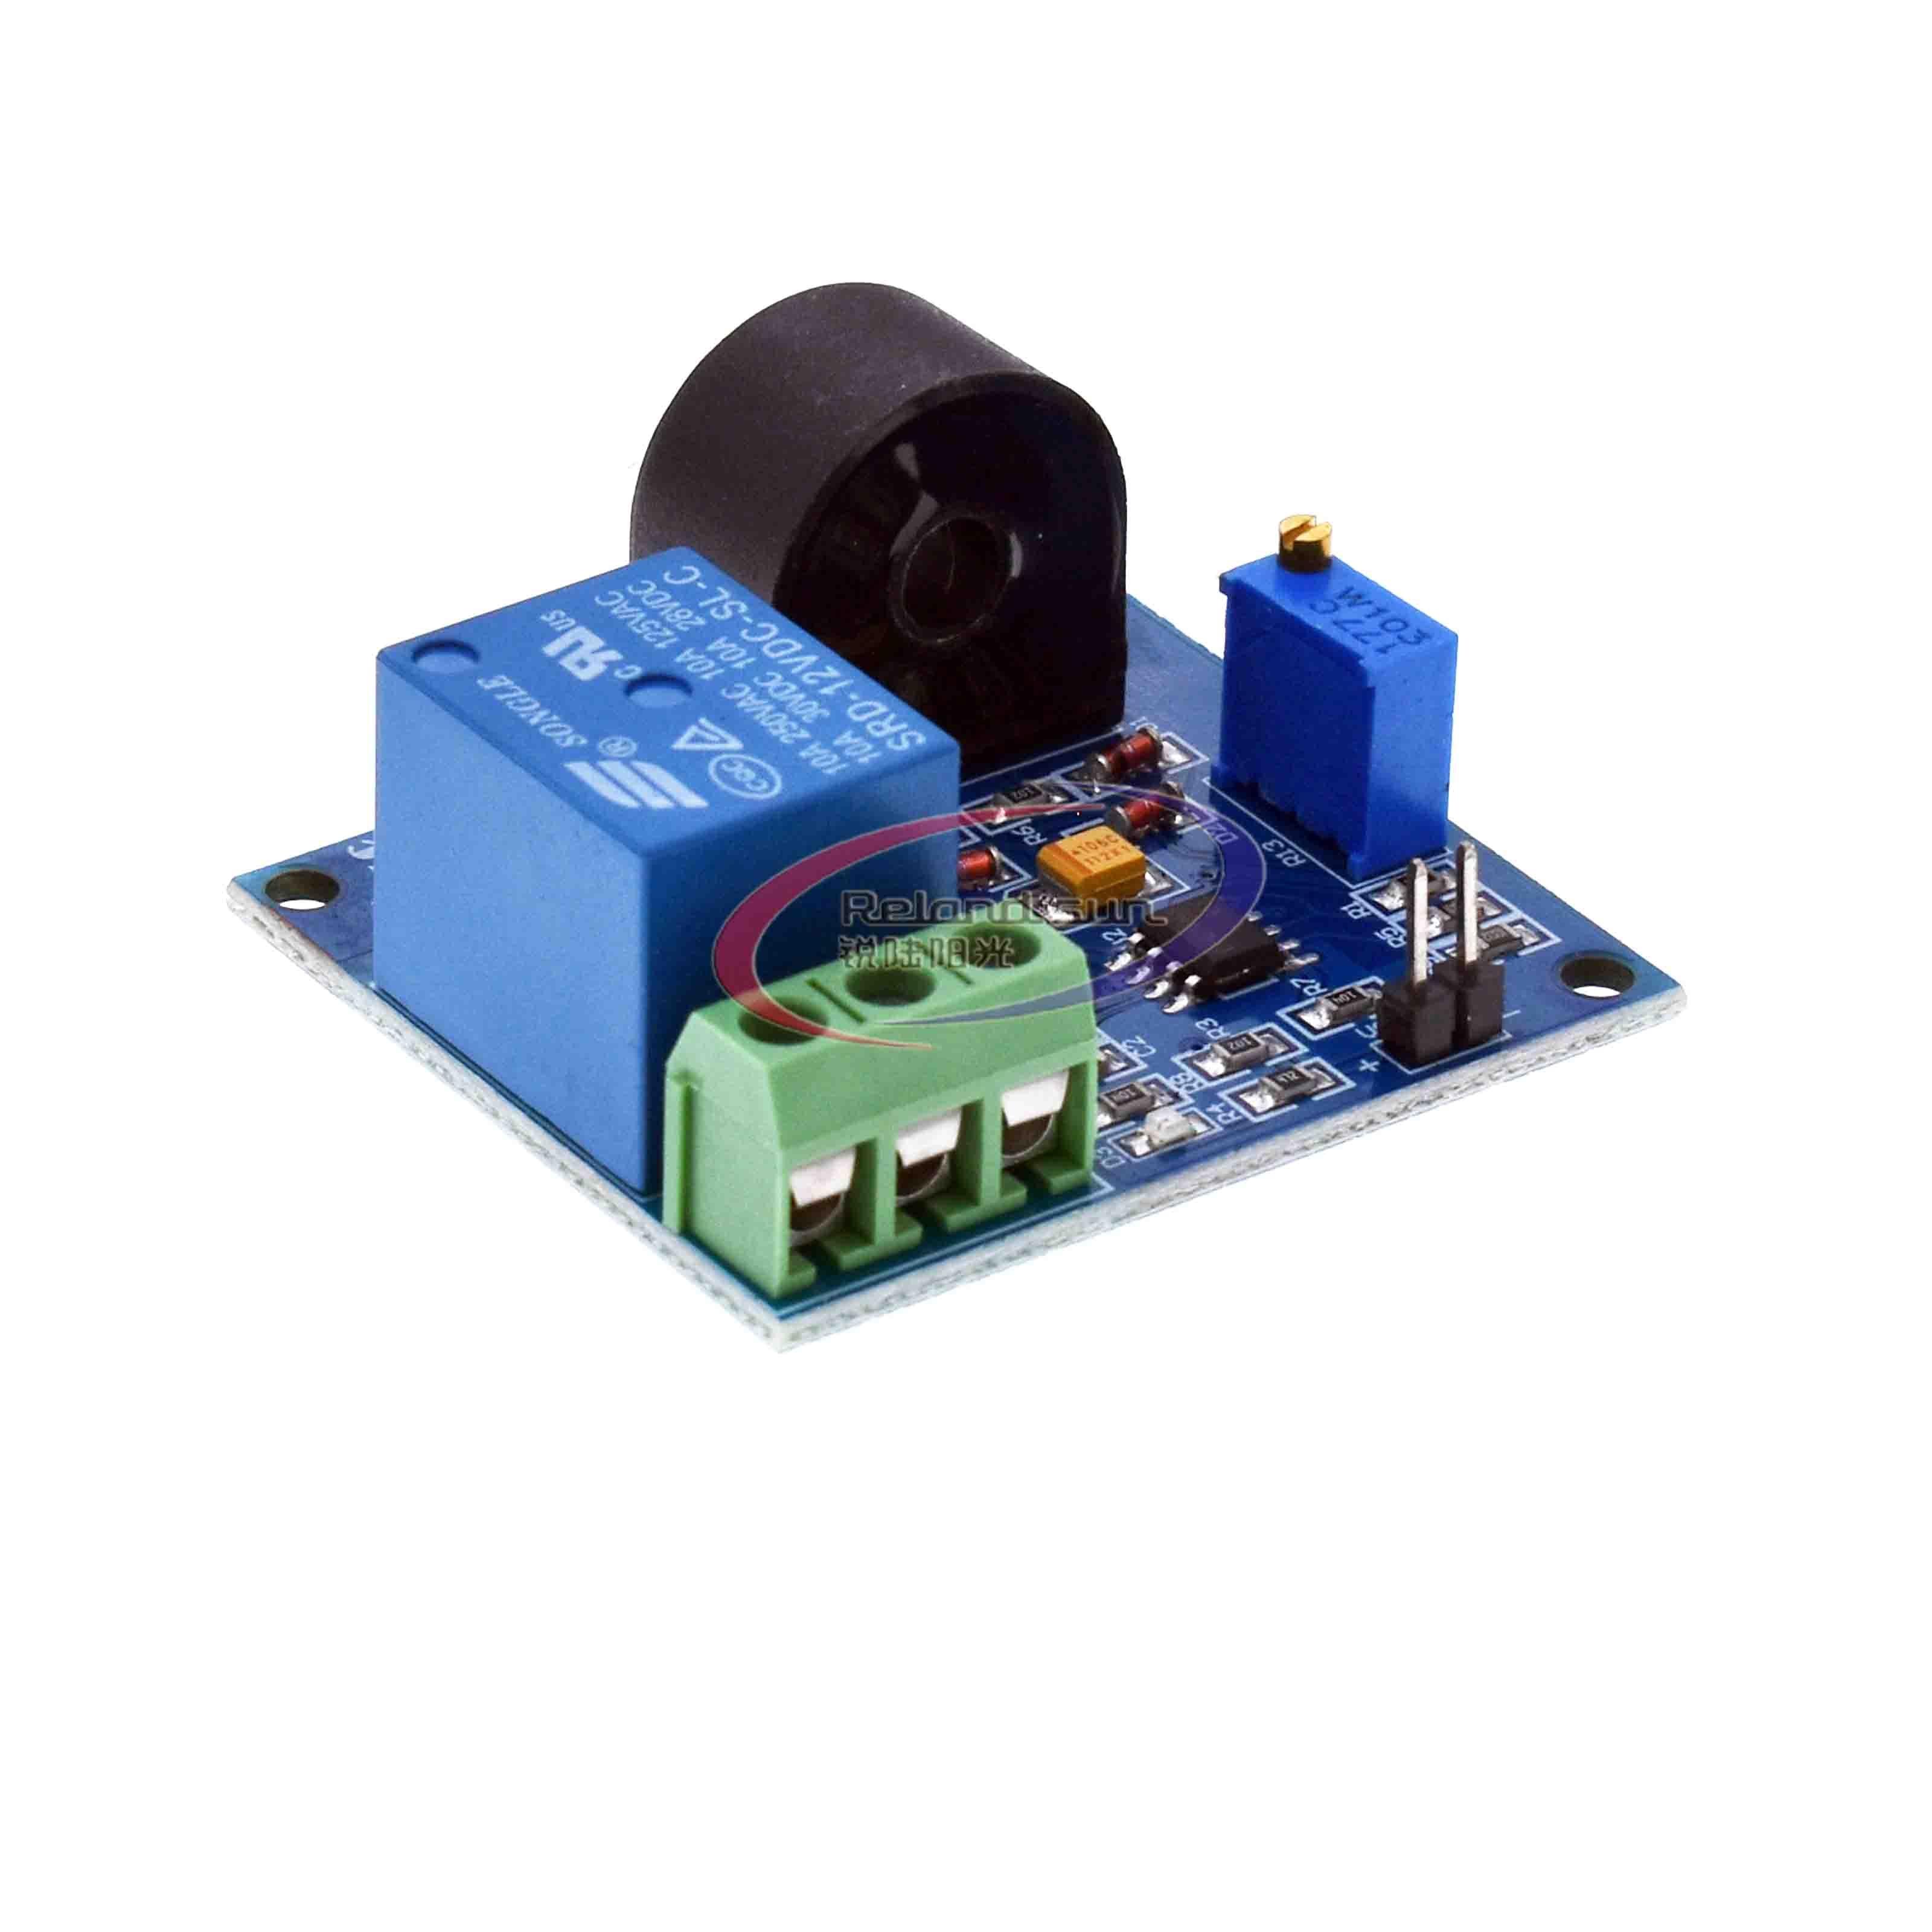 5a módulo de relé de proteção de sobrecorrente ac placa de detecção de corrente sensor 24 v/12 v/5 v relé